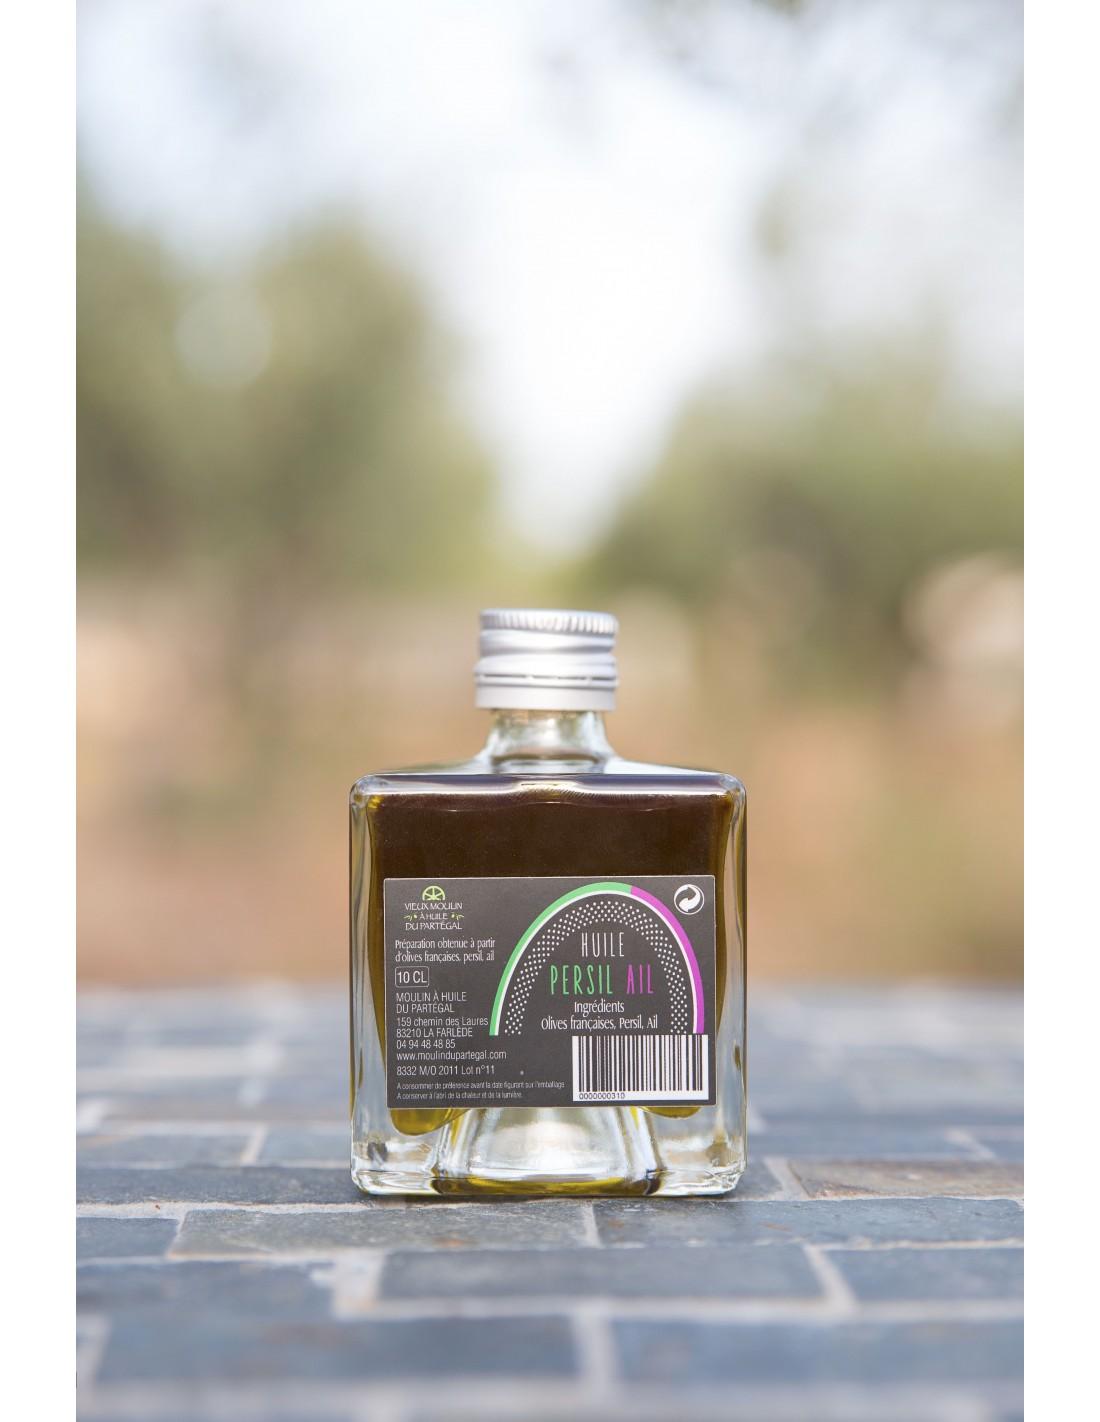 bouteille de 100 ml persil ail vieux moulin huile du part gal. Black Bedroom Furniture Sets. Home Design Ideas